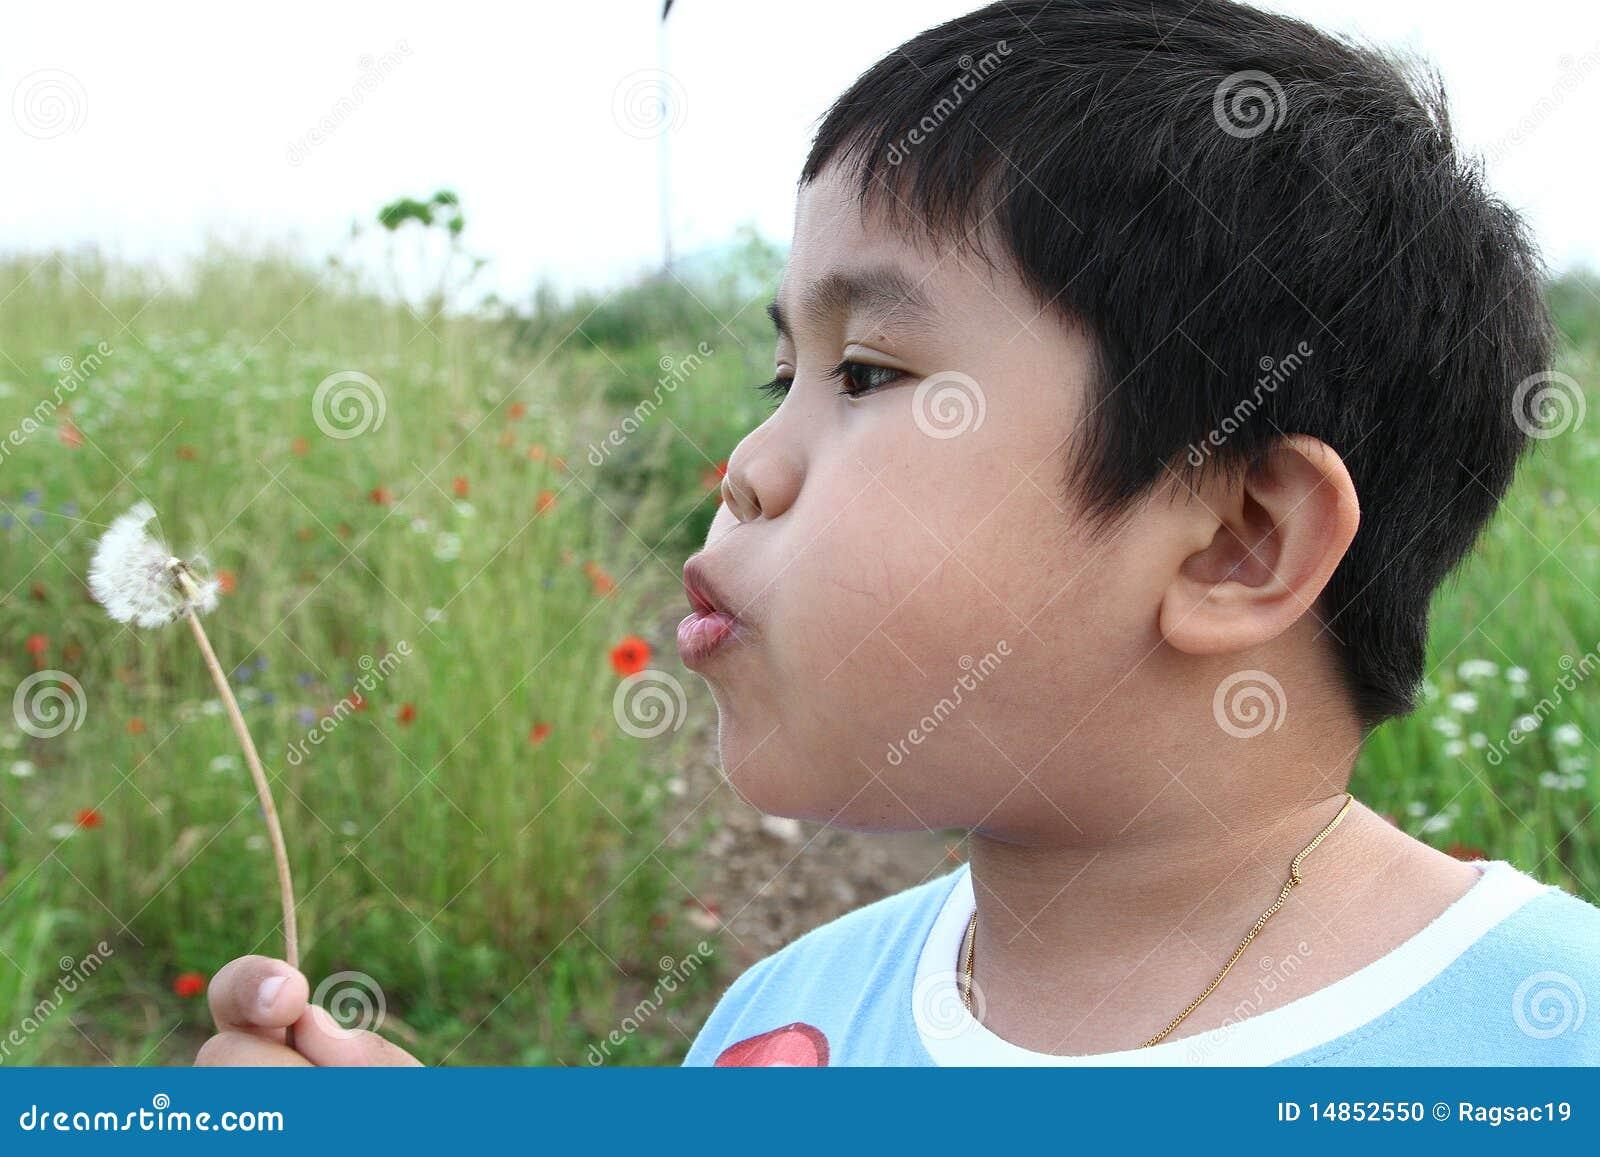 Boy blowing